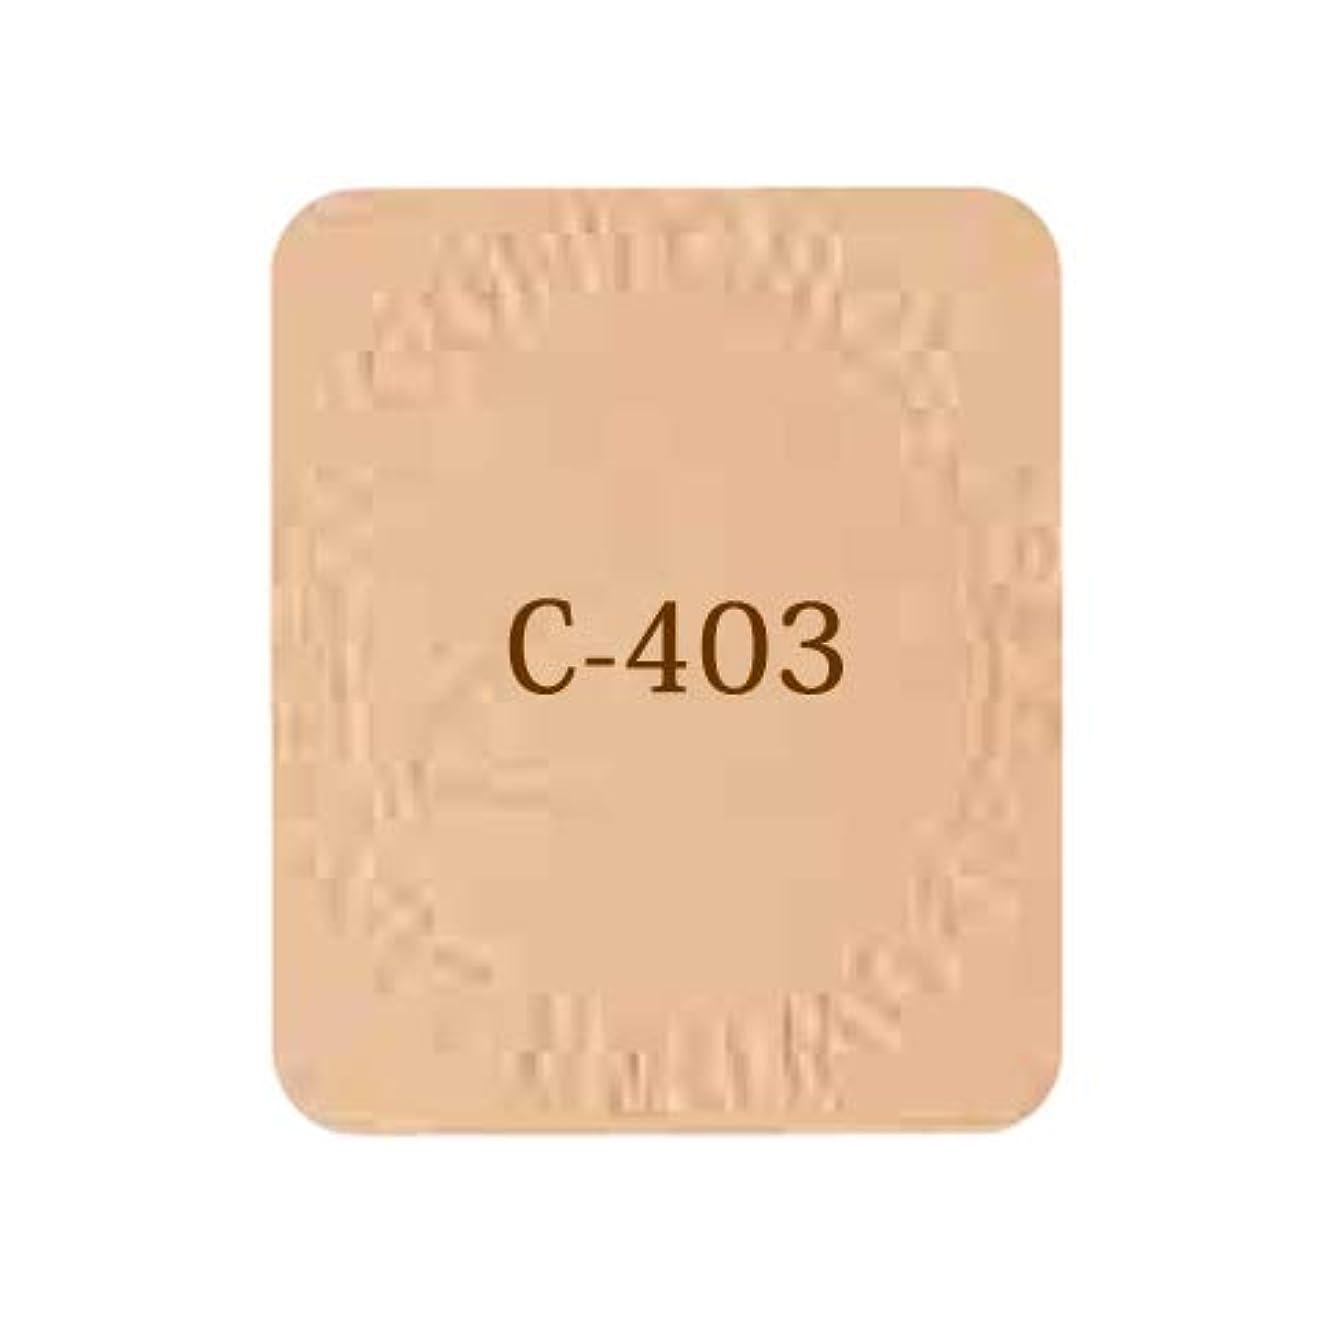 論理不毛慎重にルナレーナコントロールパウダー C403K ライトベージュ